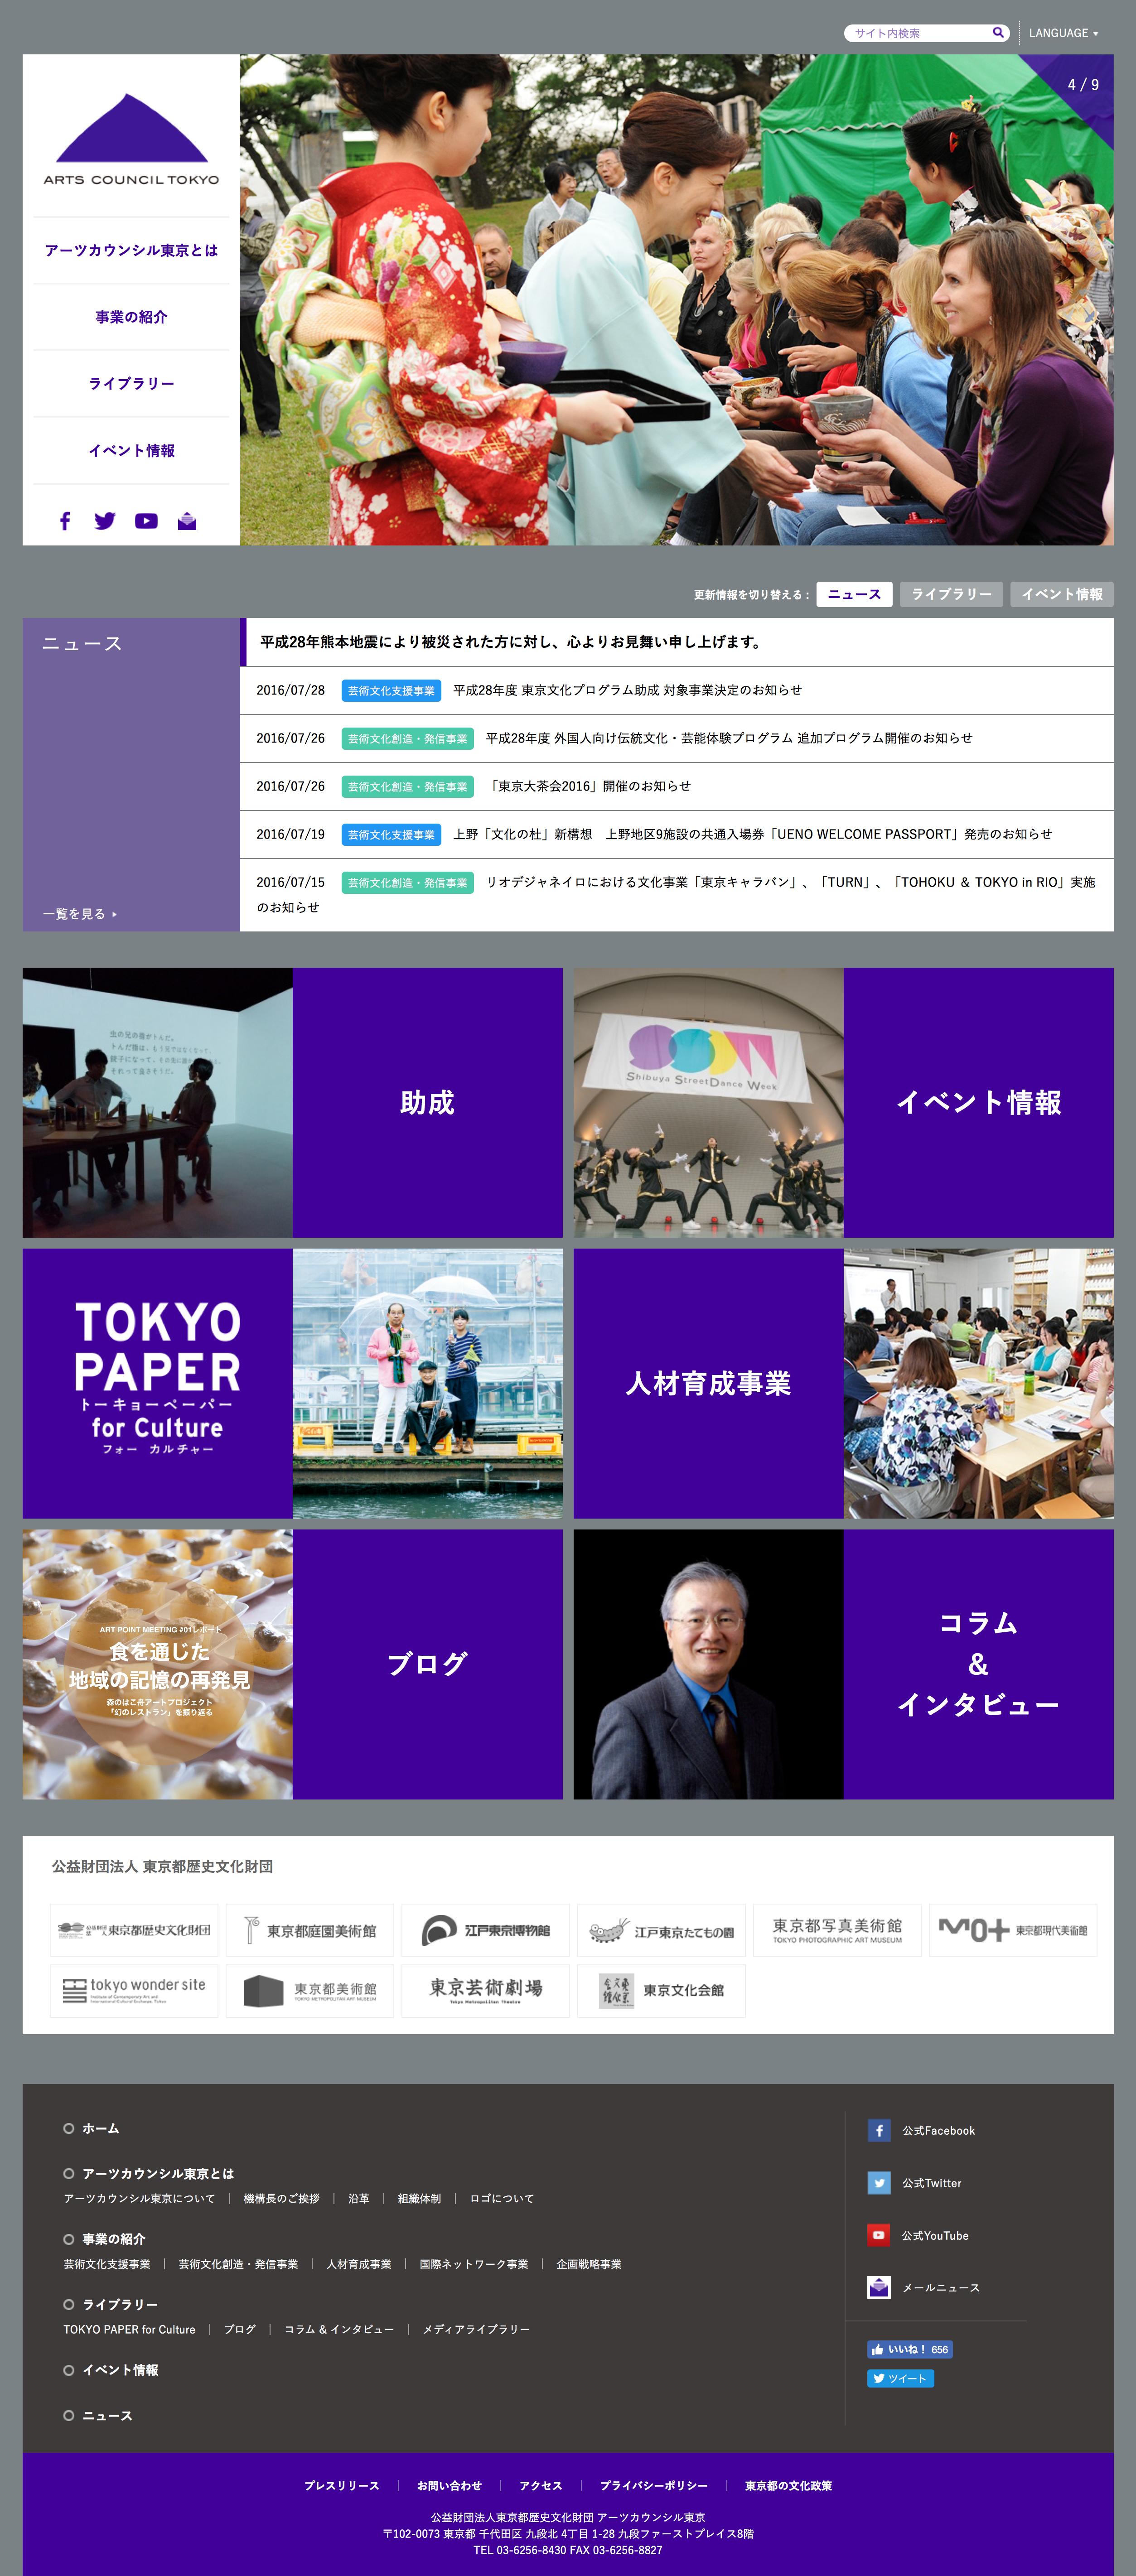 artscouncil-tokyo